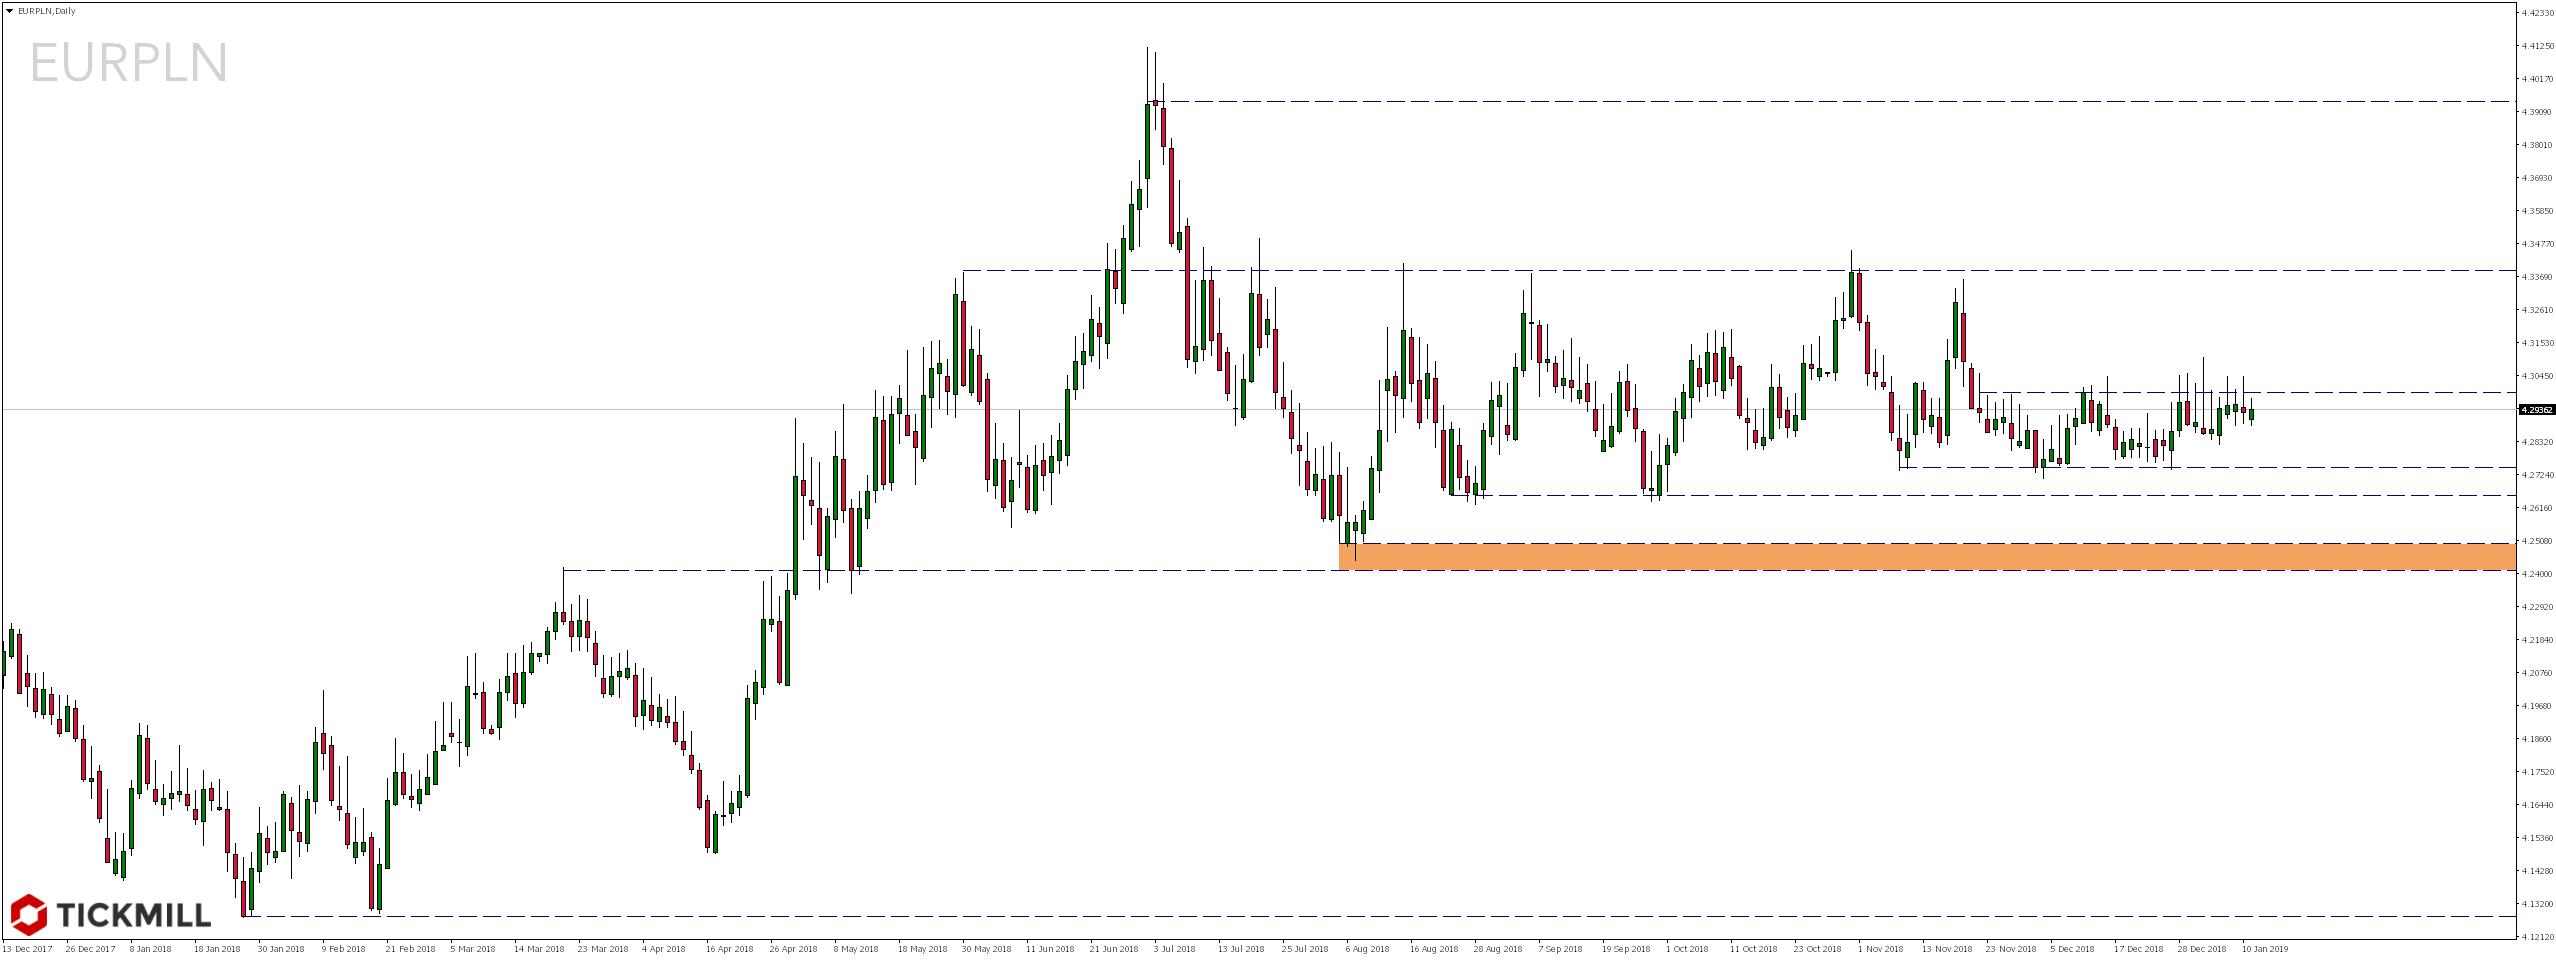 Kurs pary walutowej EURPLN